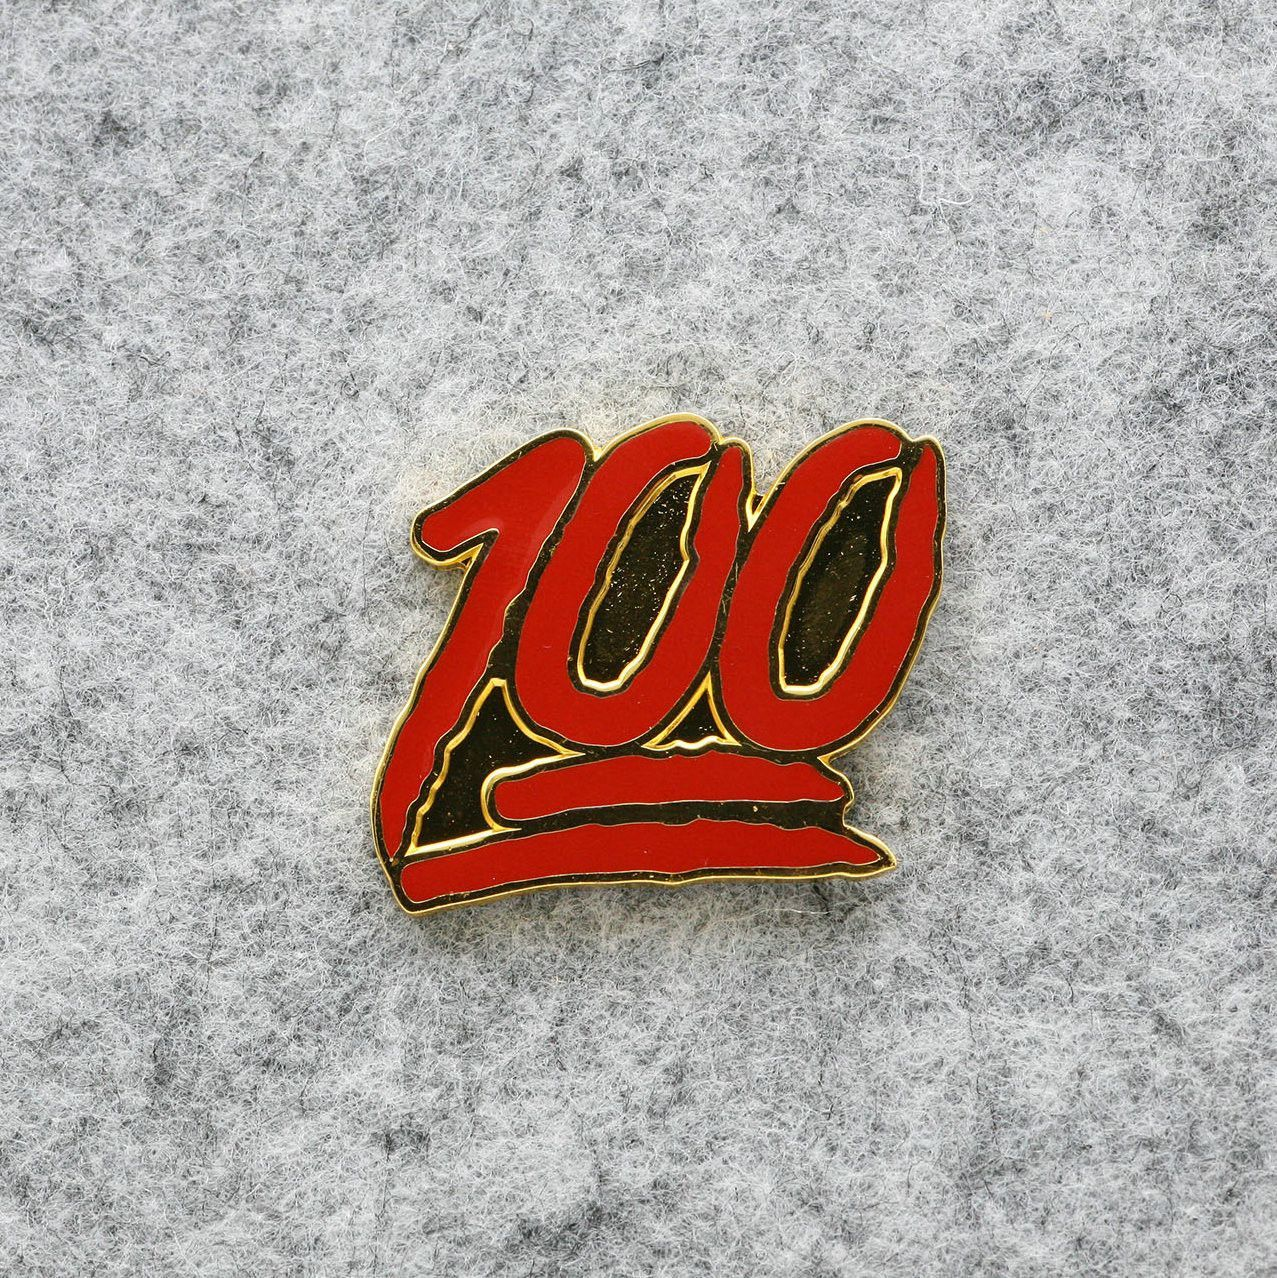 Emoji 100 score enamel pin lapel pin enamel pins no pun emoji 100 score enamel pin lapel pin buycottarizona